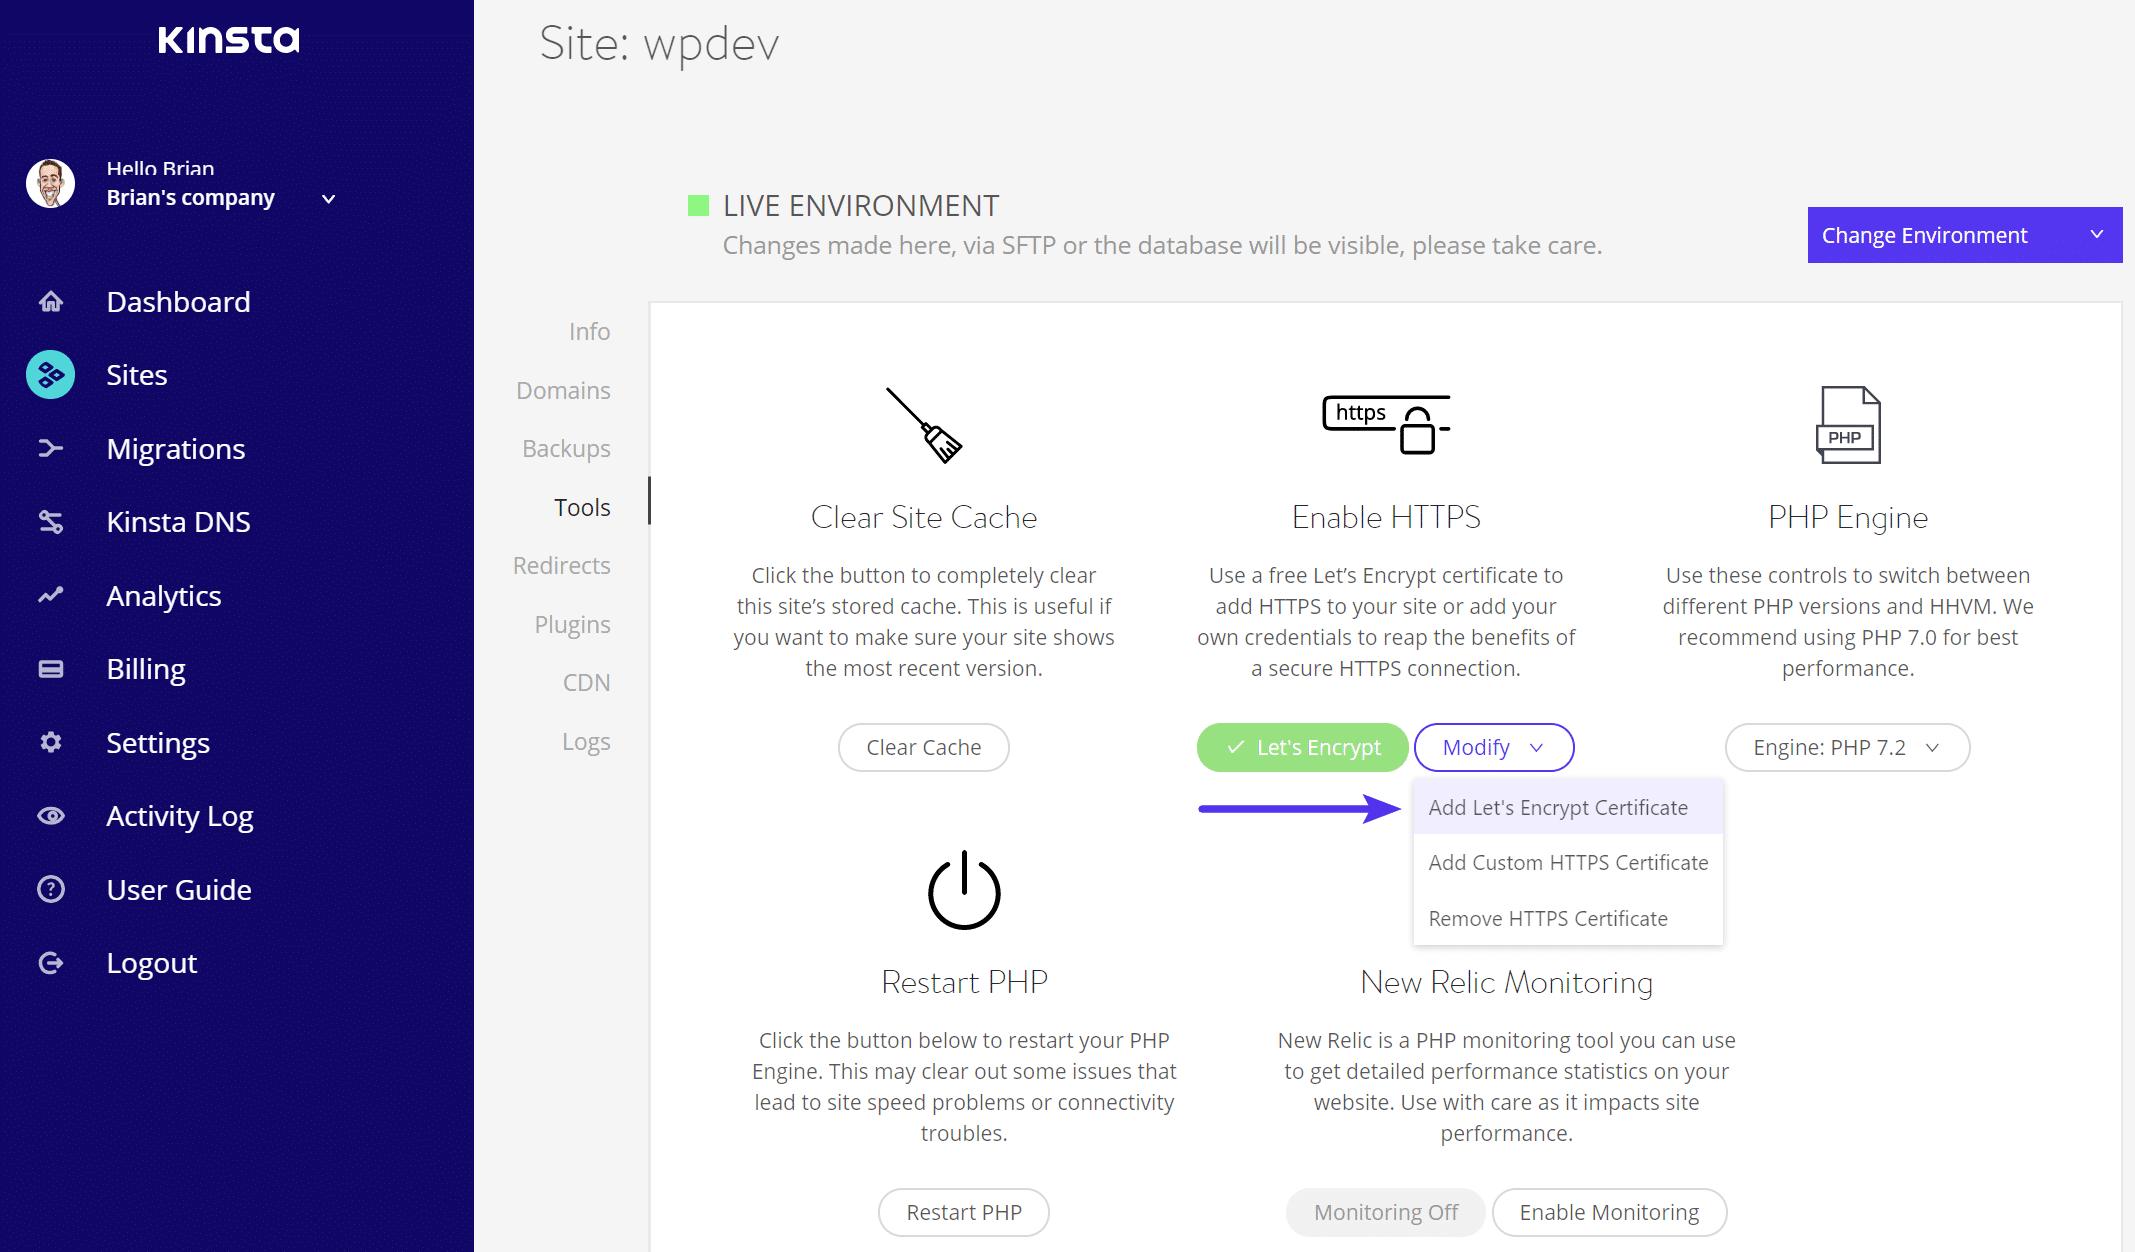 Ajouter le certificat Let's Encrypt